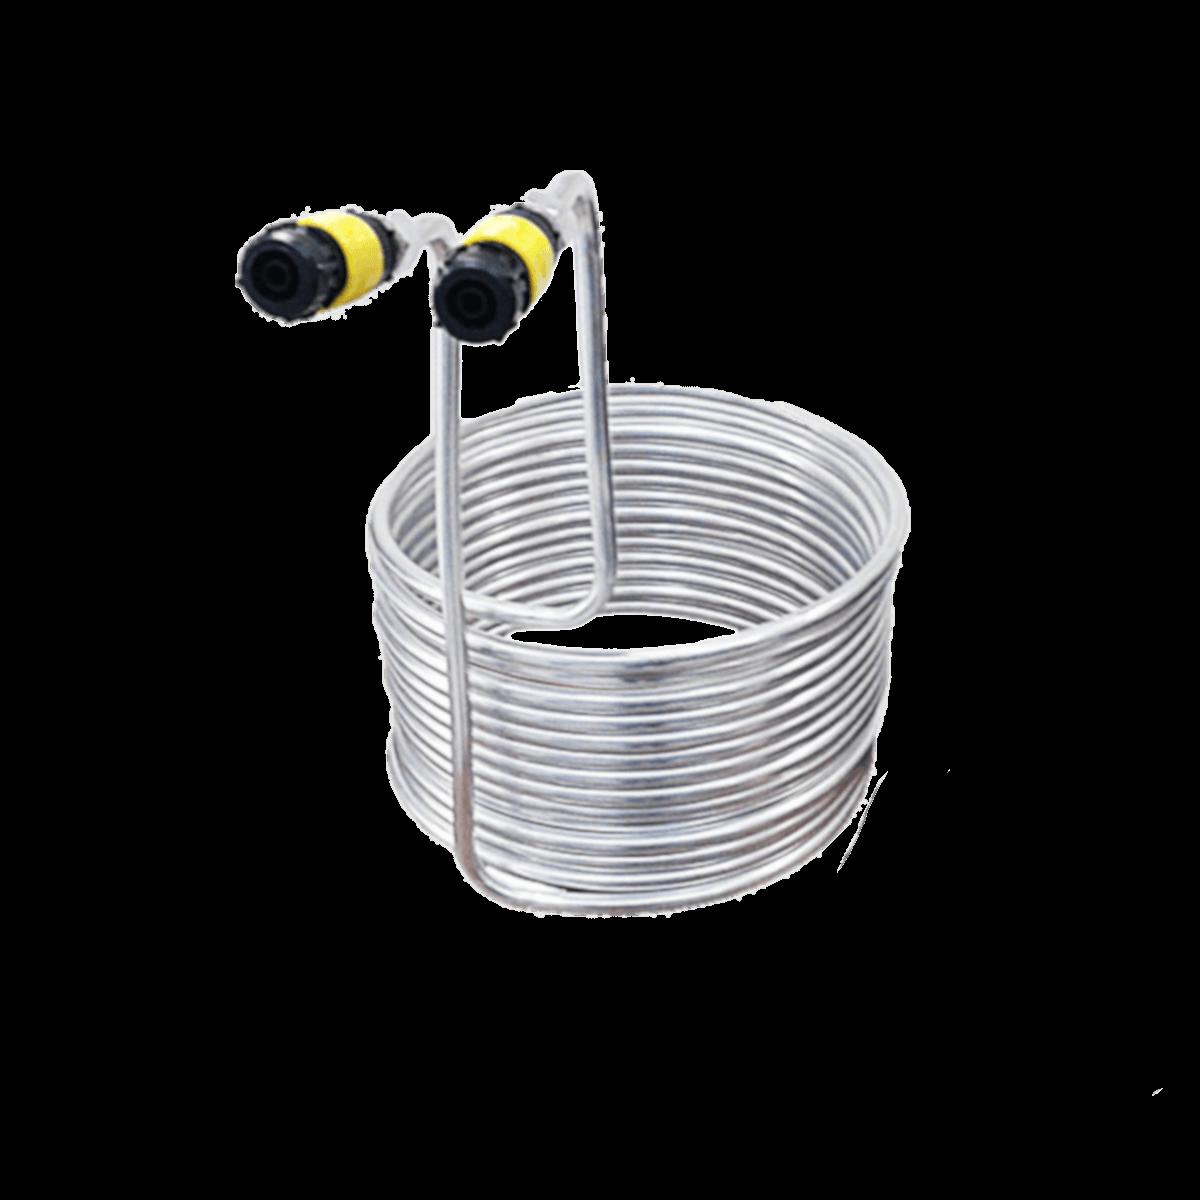 Chiller De Imersão Alumínio 30cm C/ conexão - 20Mts